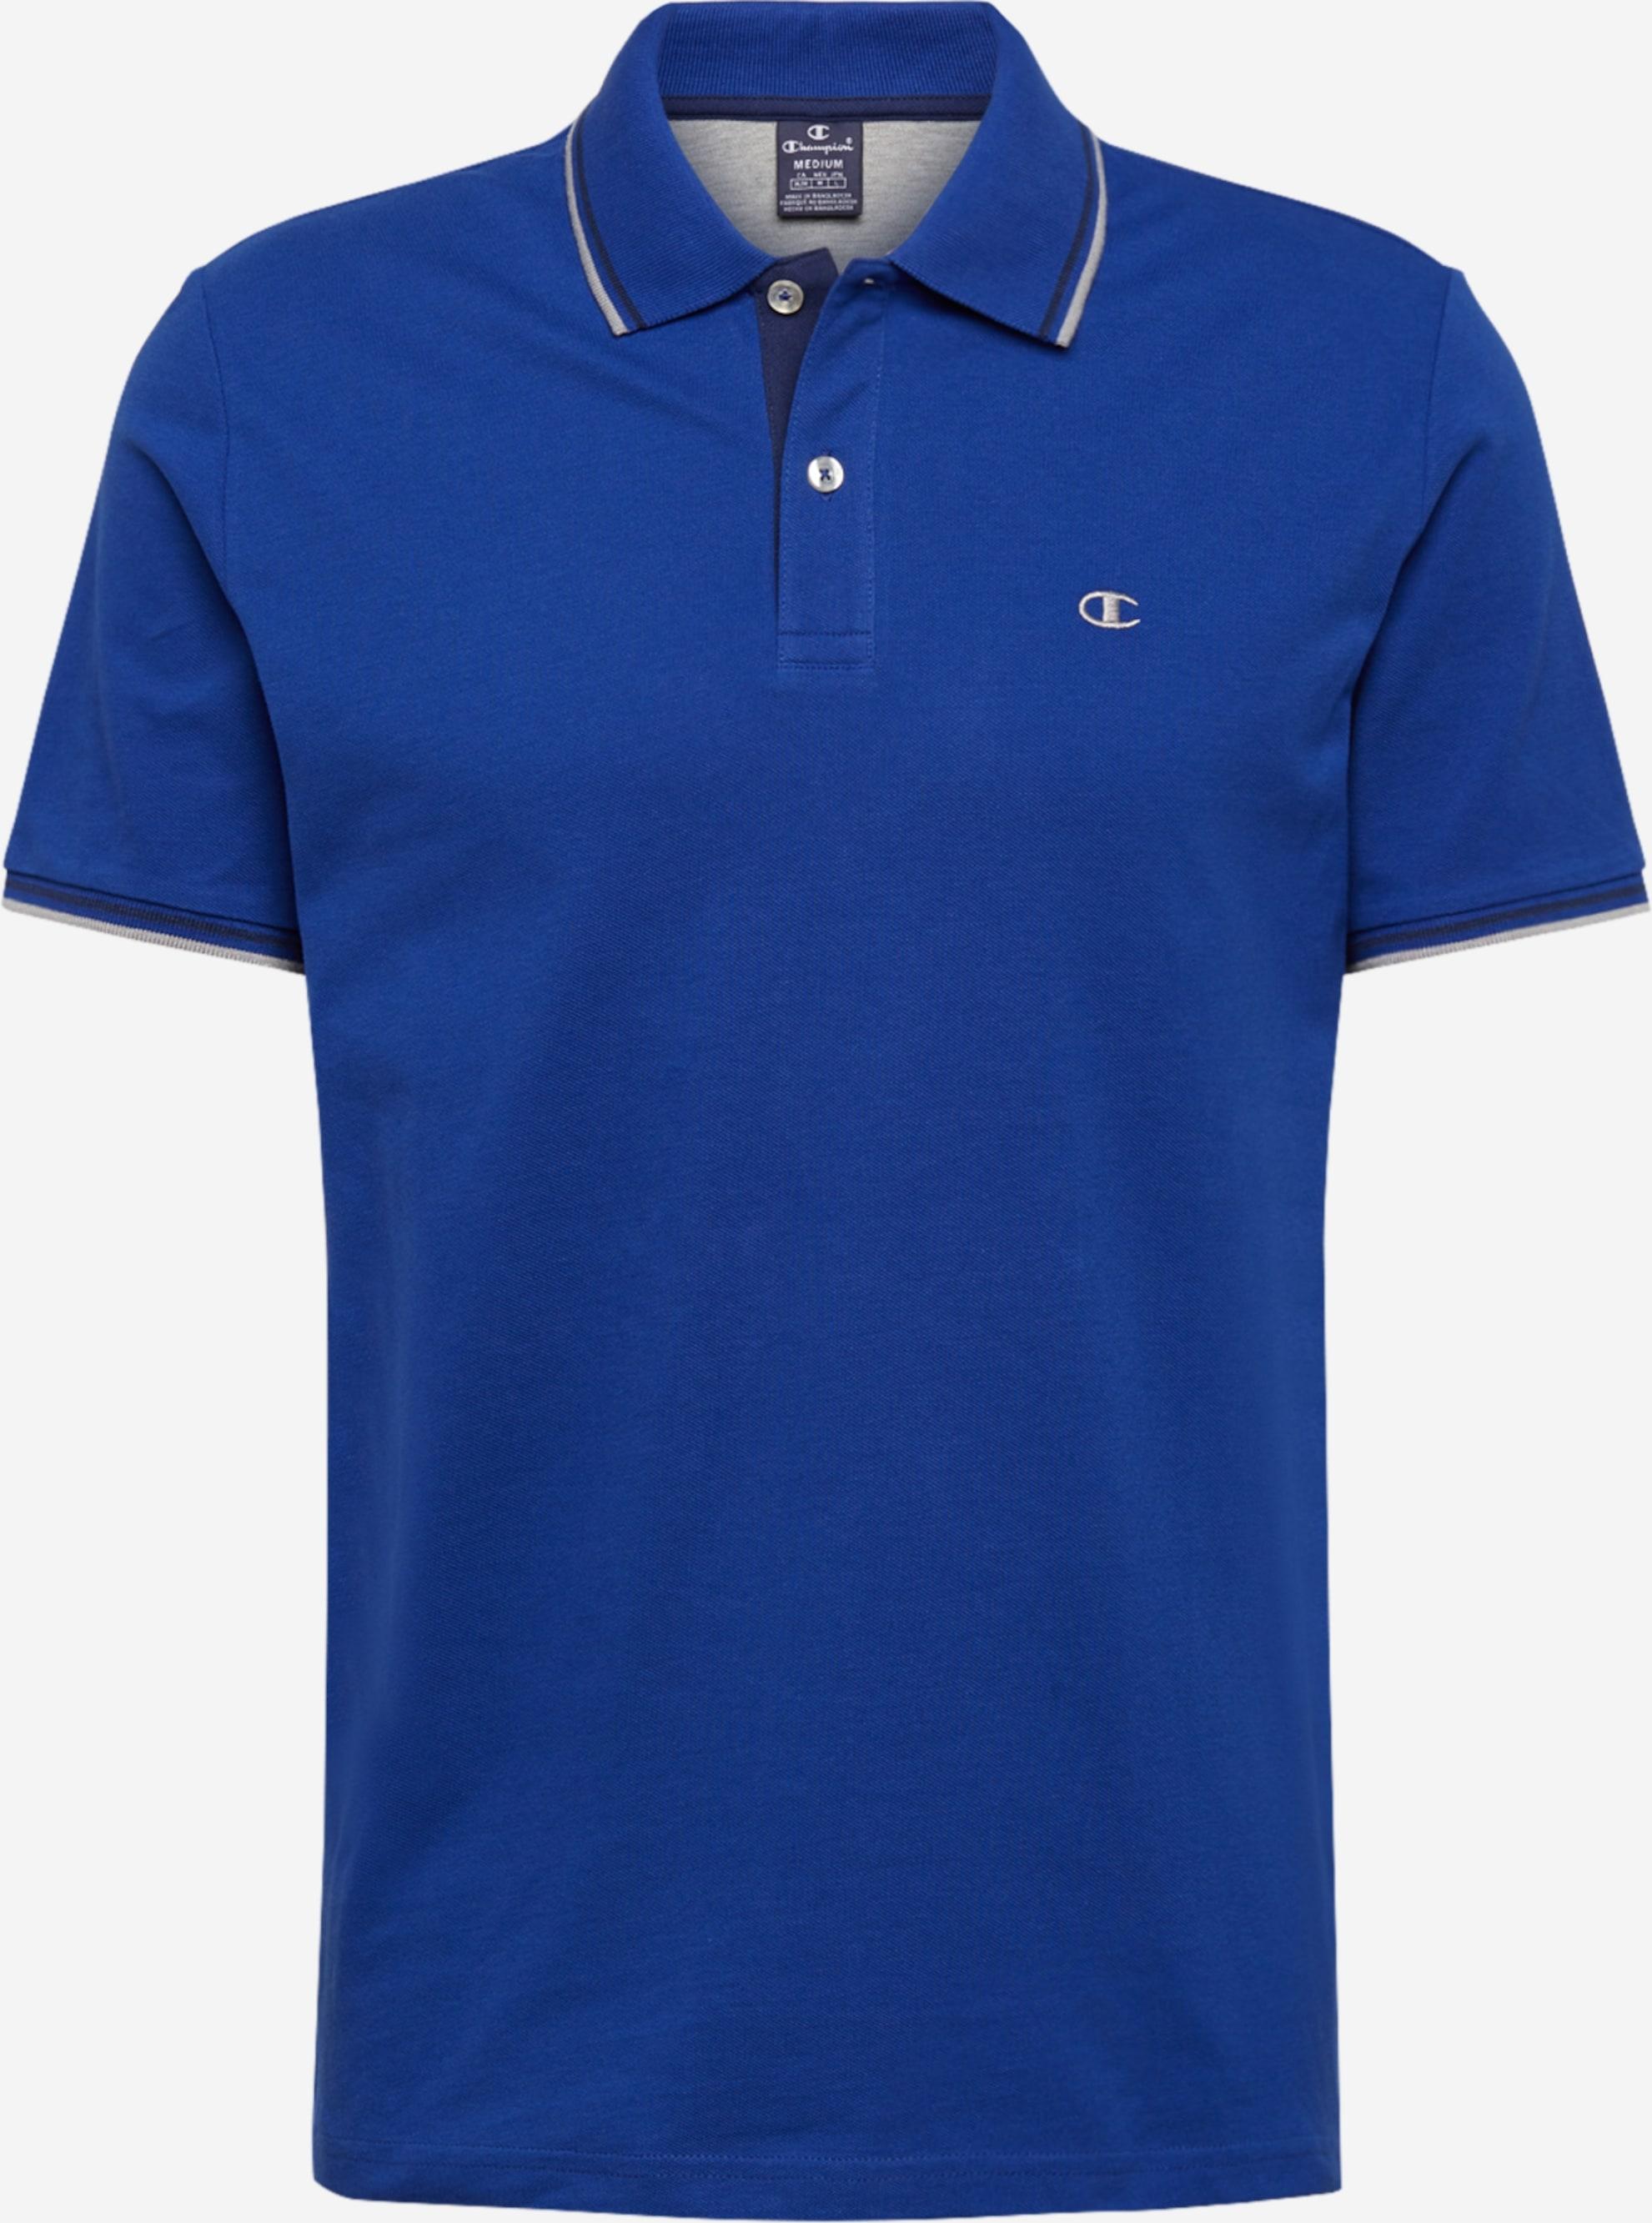 Champion Hr. Polo Shirt Auth 211847 BS003